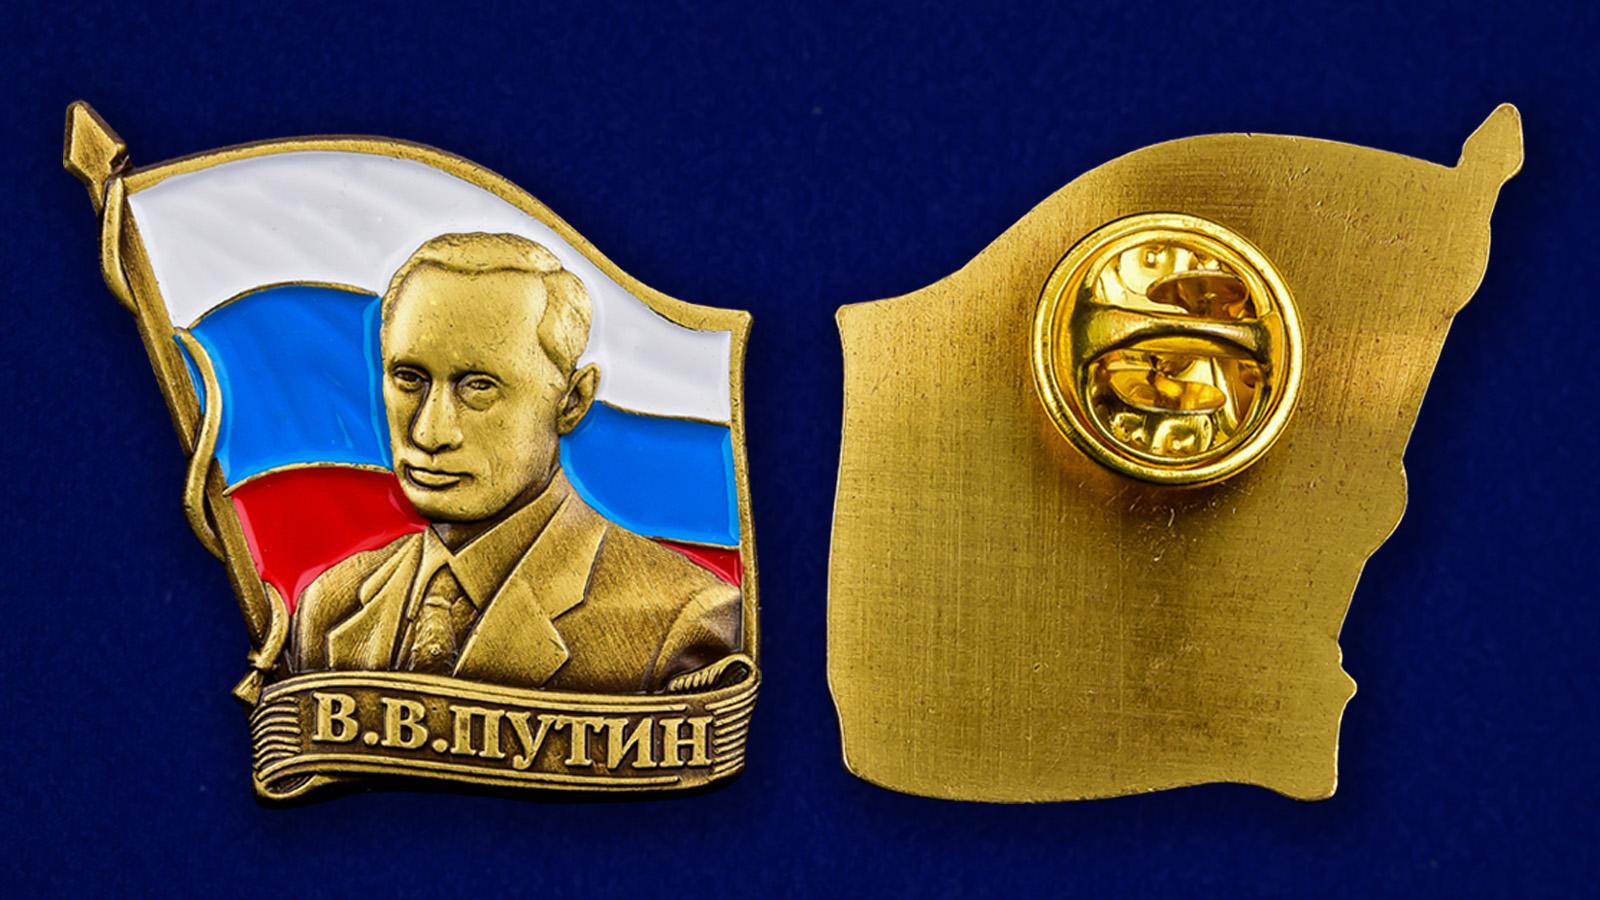 Купить значок с портретом Путина в Военпро